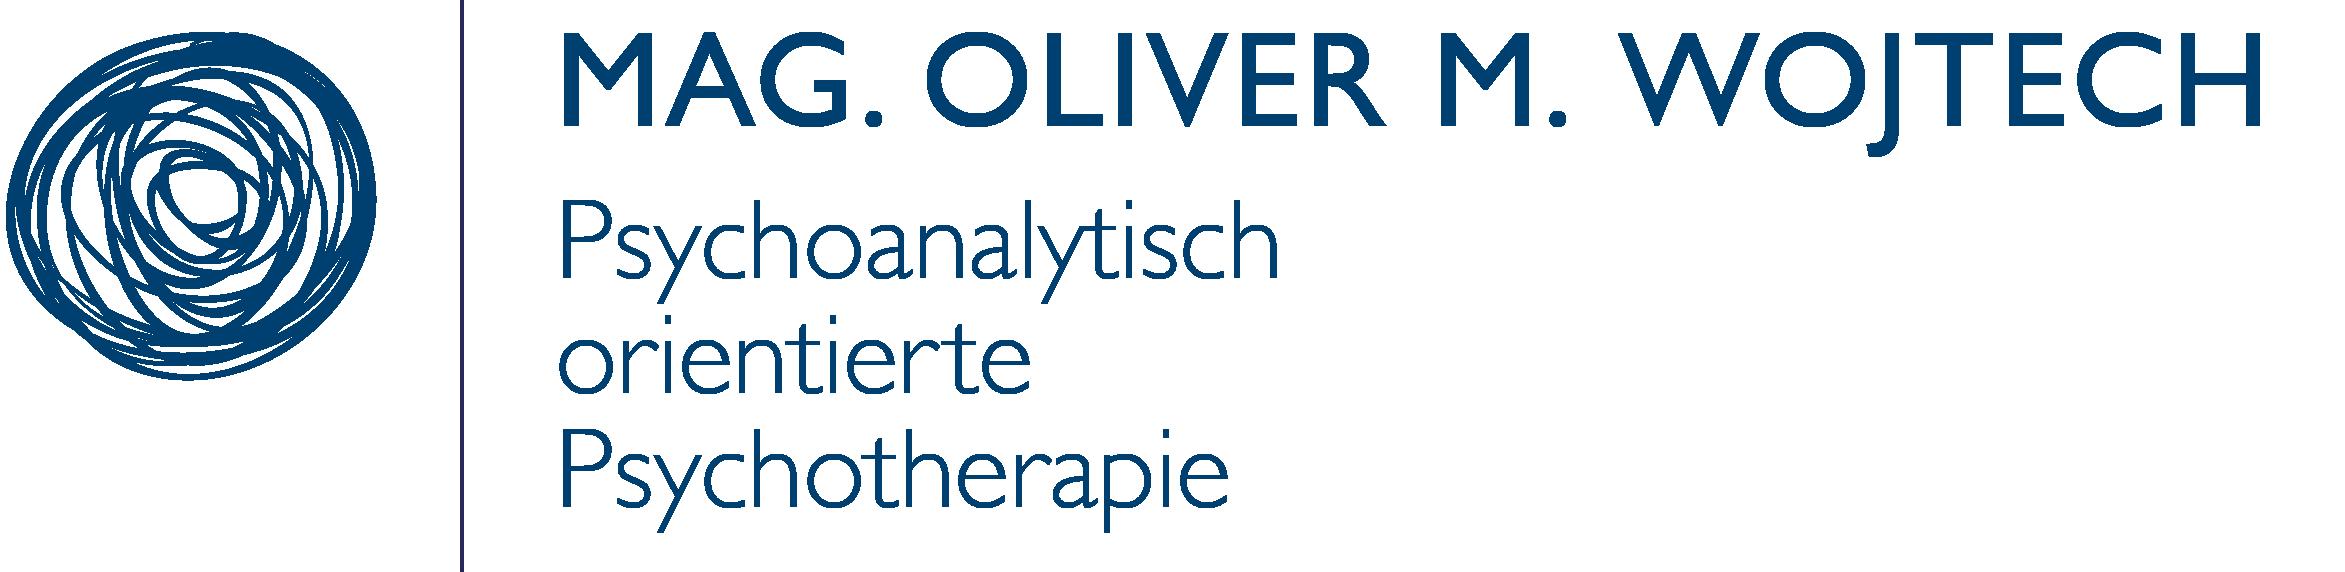 Mag. Oliver M. Wojtech